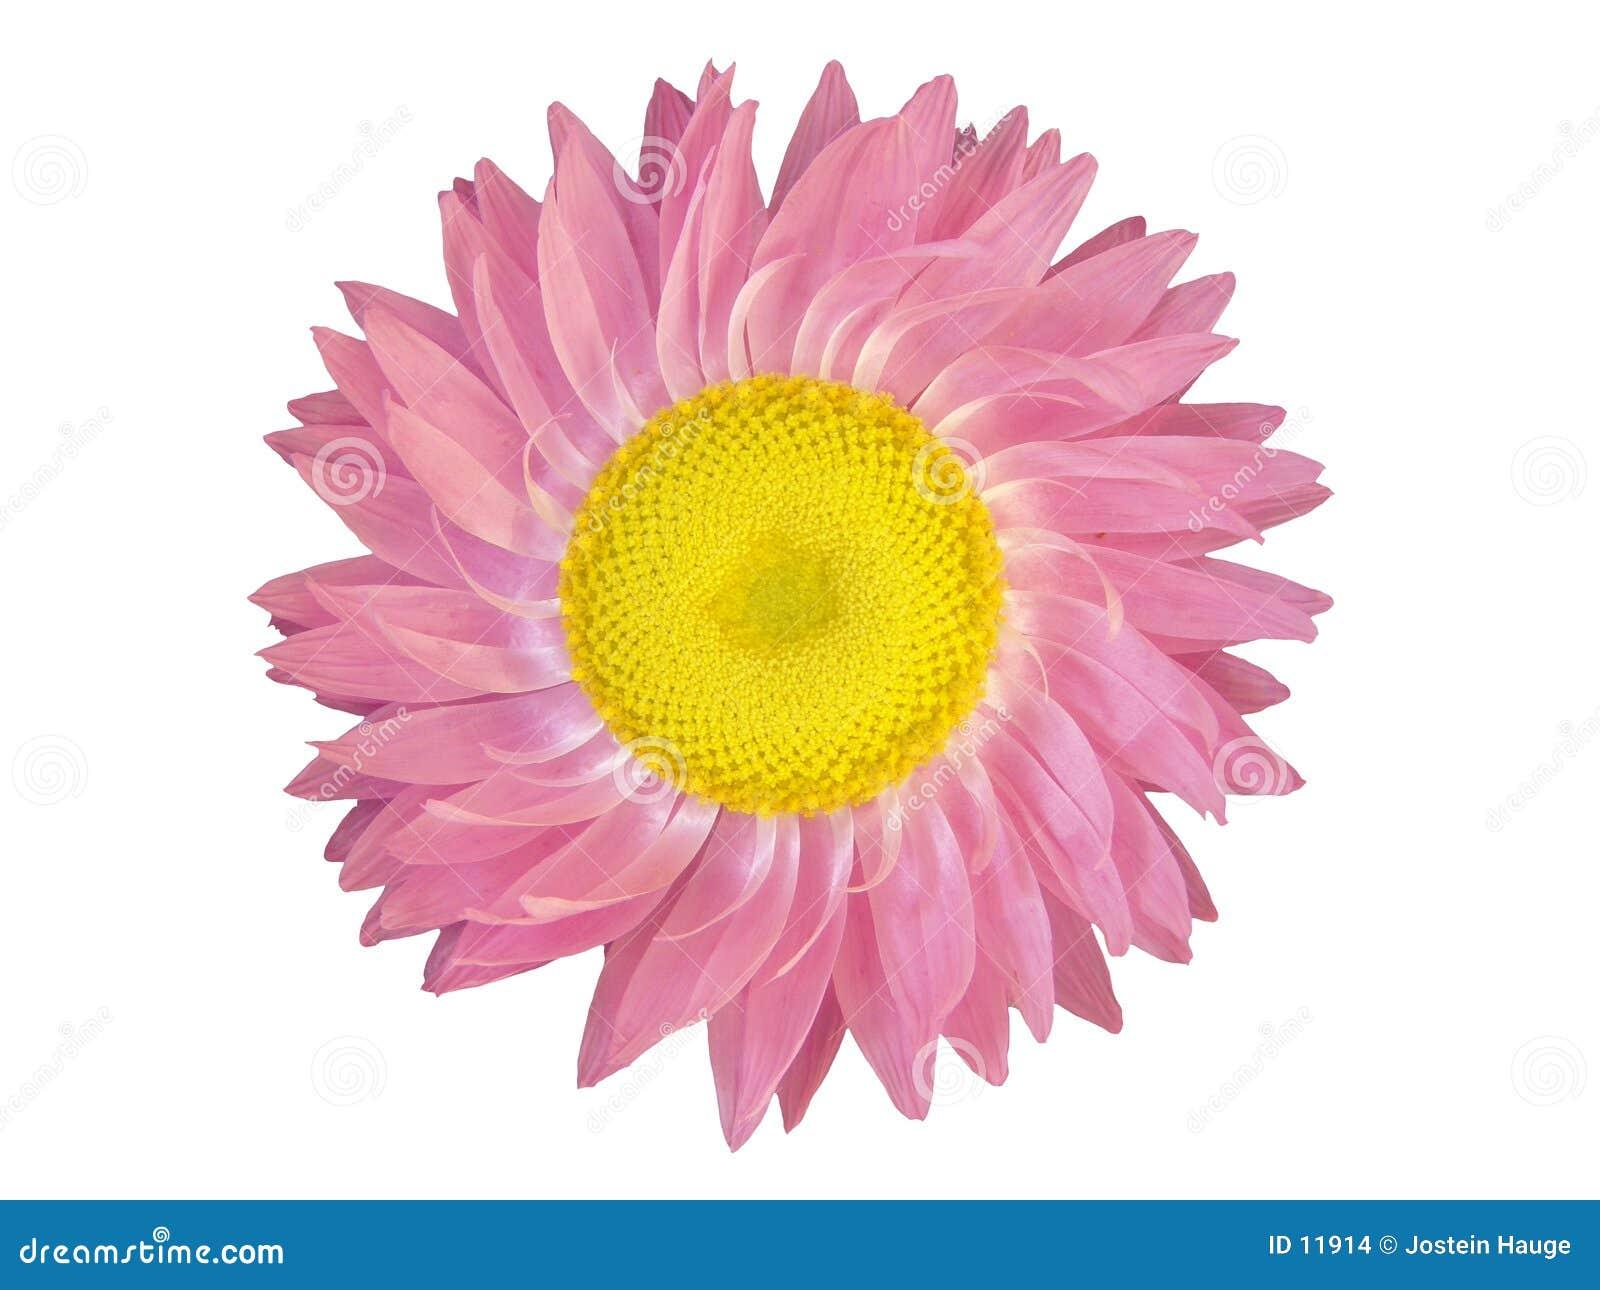 Elementos do projeto: Cabeça de flor cor-de-rosa